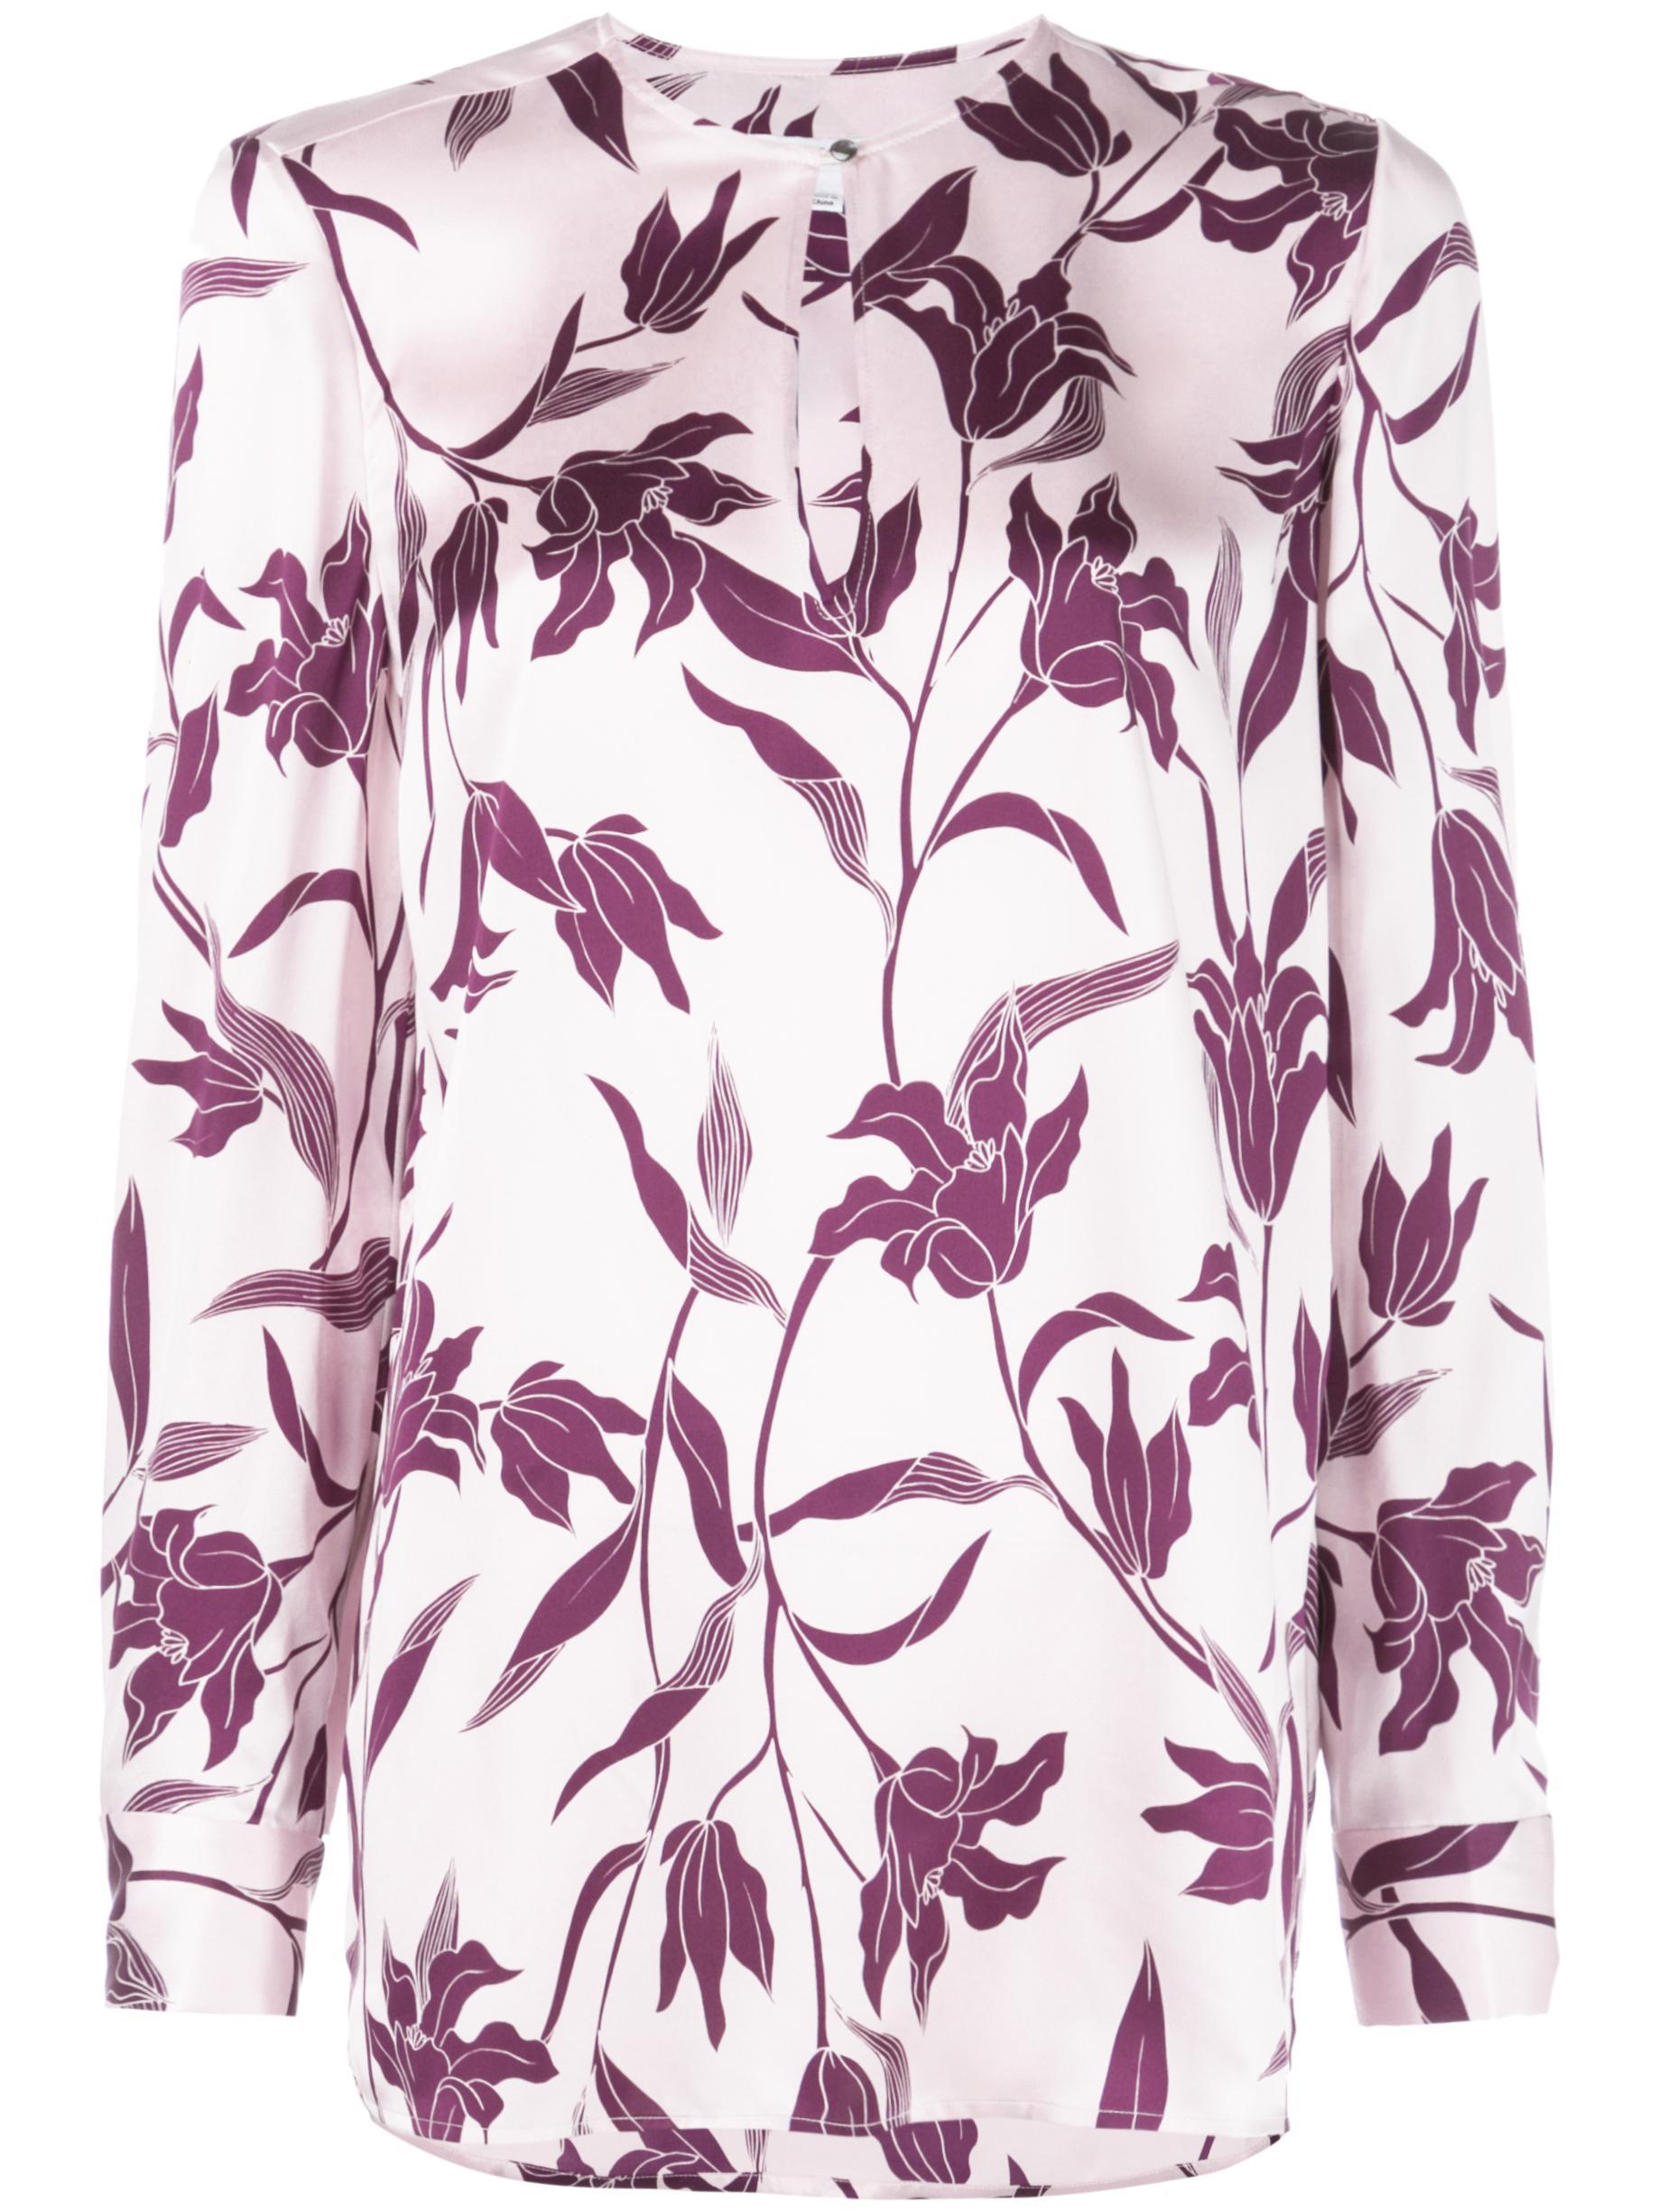 Delainey Floral Print Keyhole Blouse